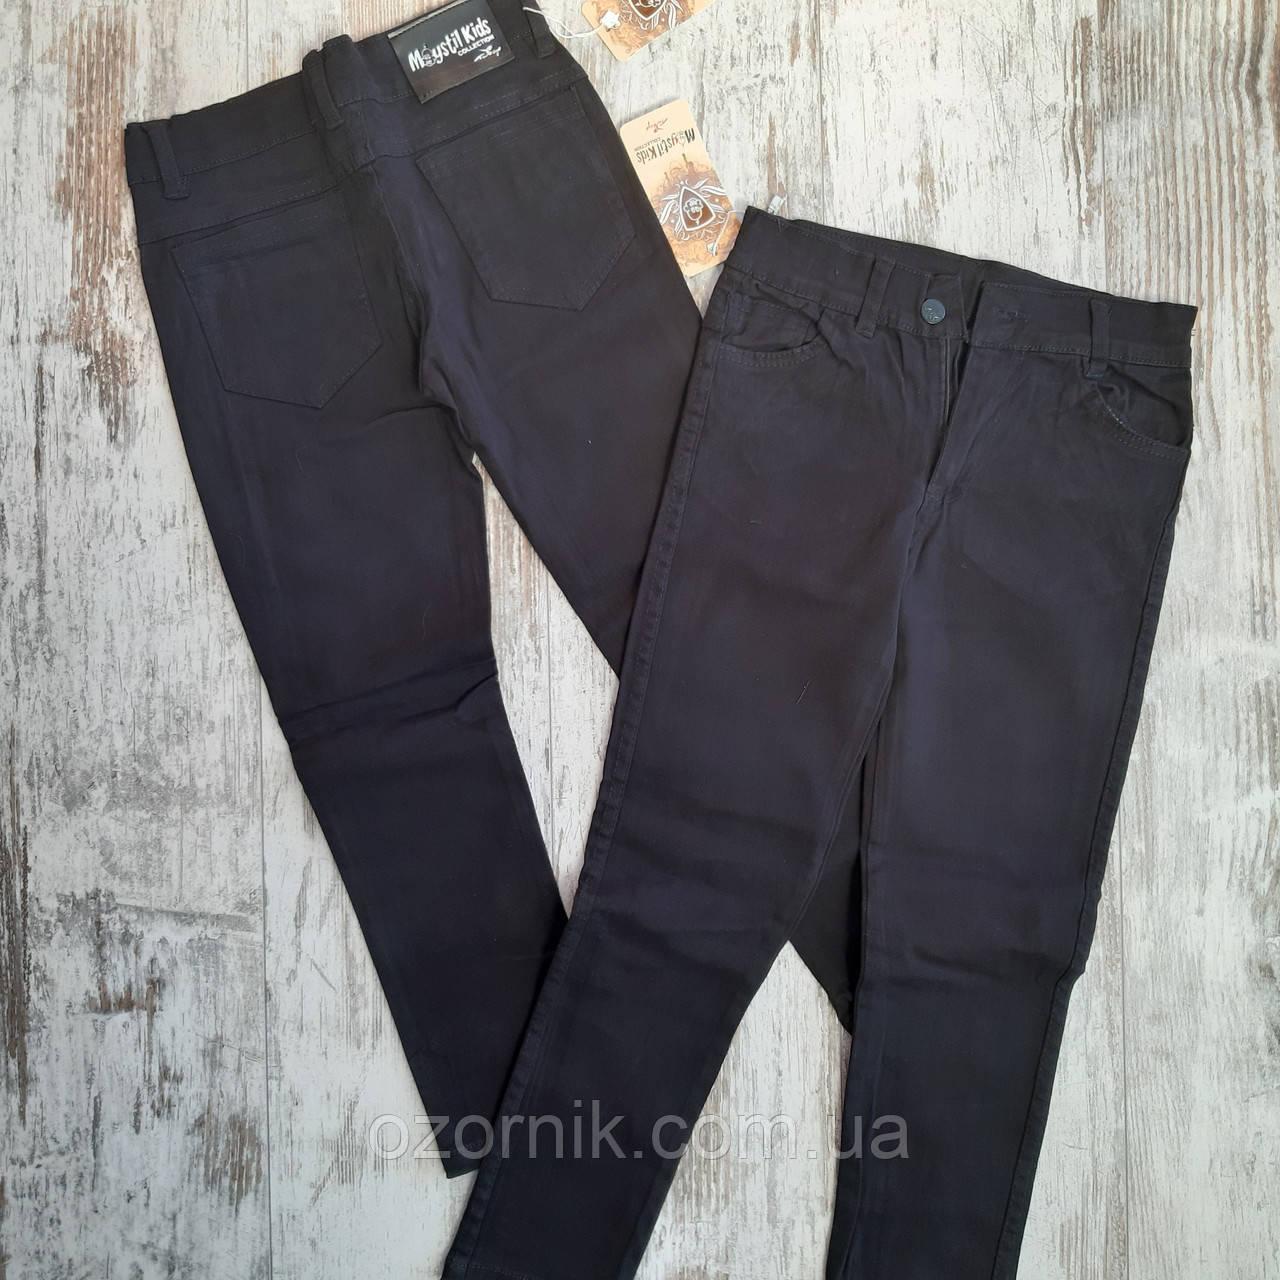 джинсы девочка Турция стрейч